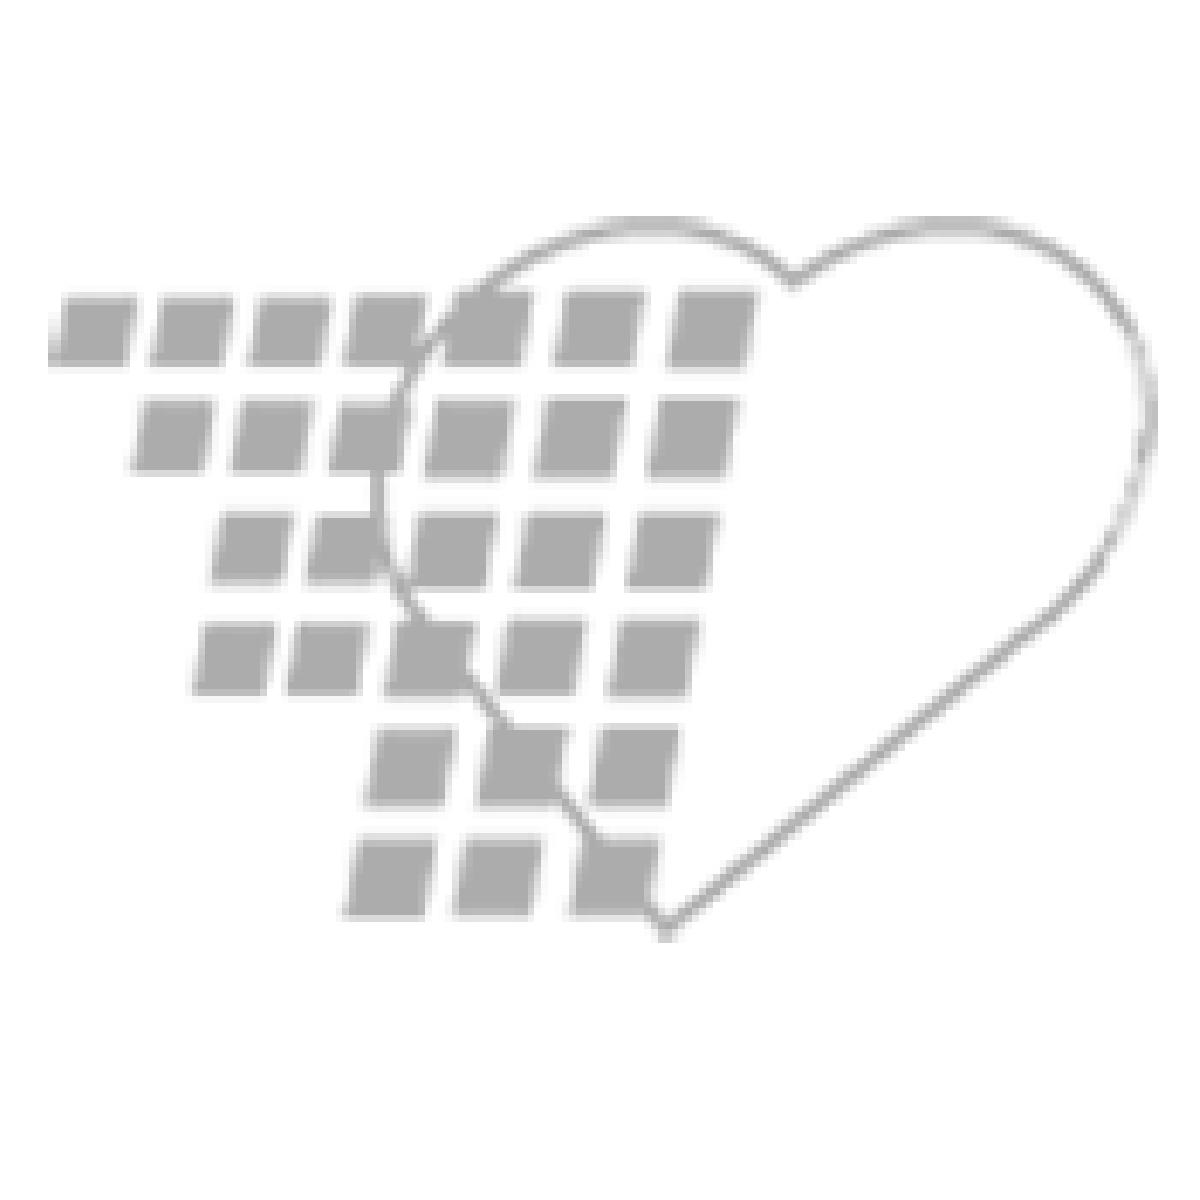 06-11-1116 Pocket Nurse® Syringes with Needles - Non Safety Bundle